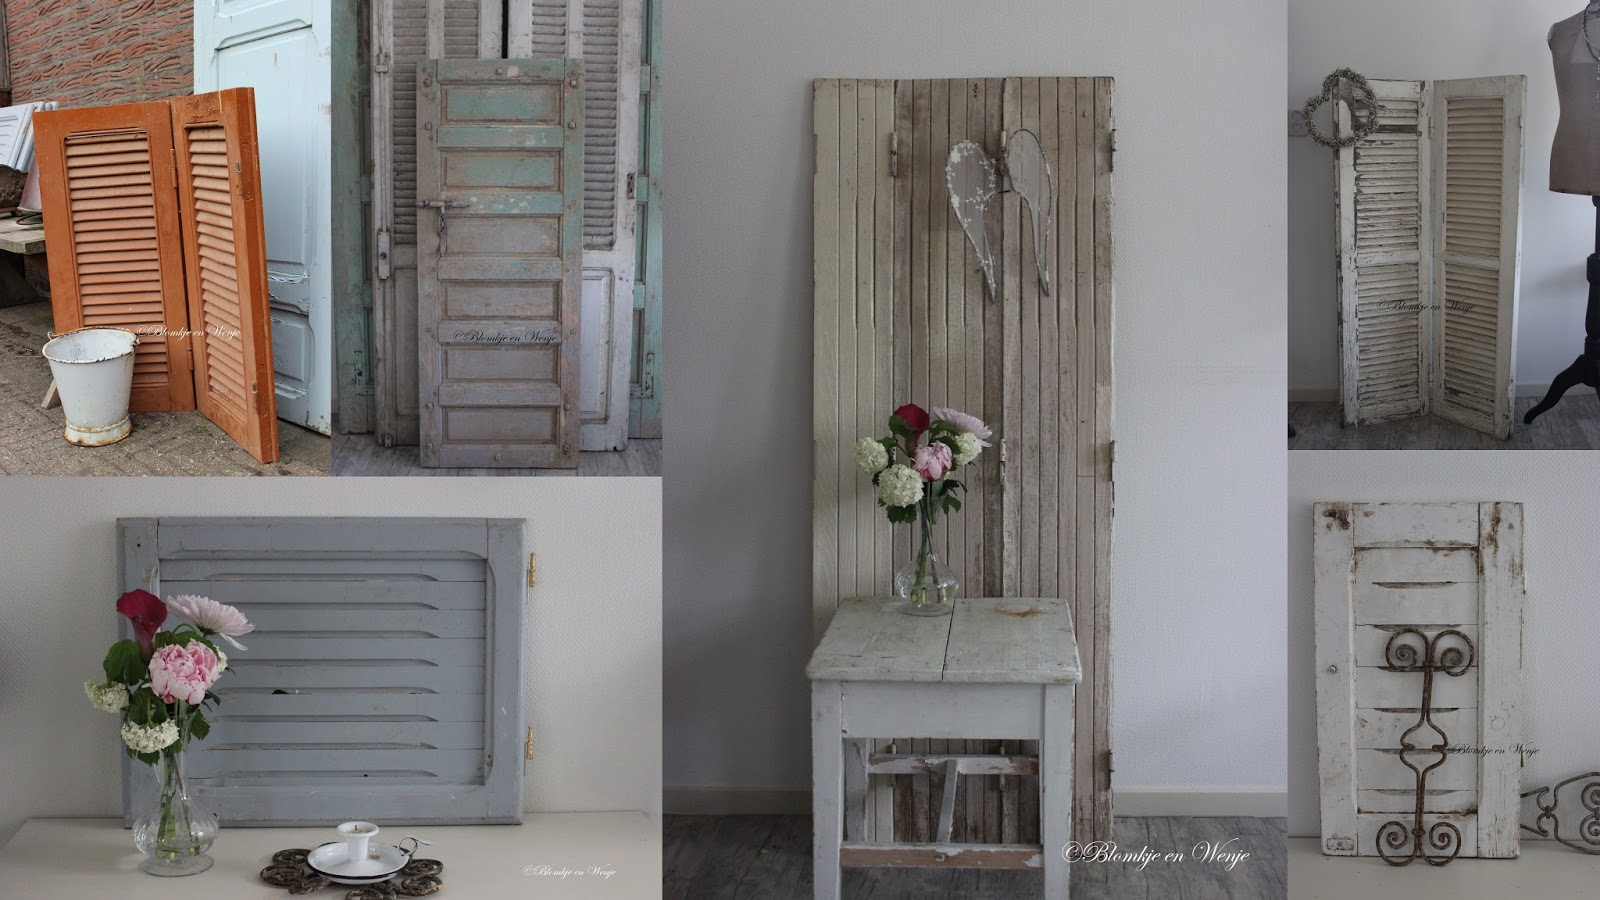 Blomkje en wenje we 39 re open - Oude keuken decoratie ...